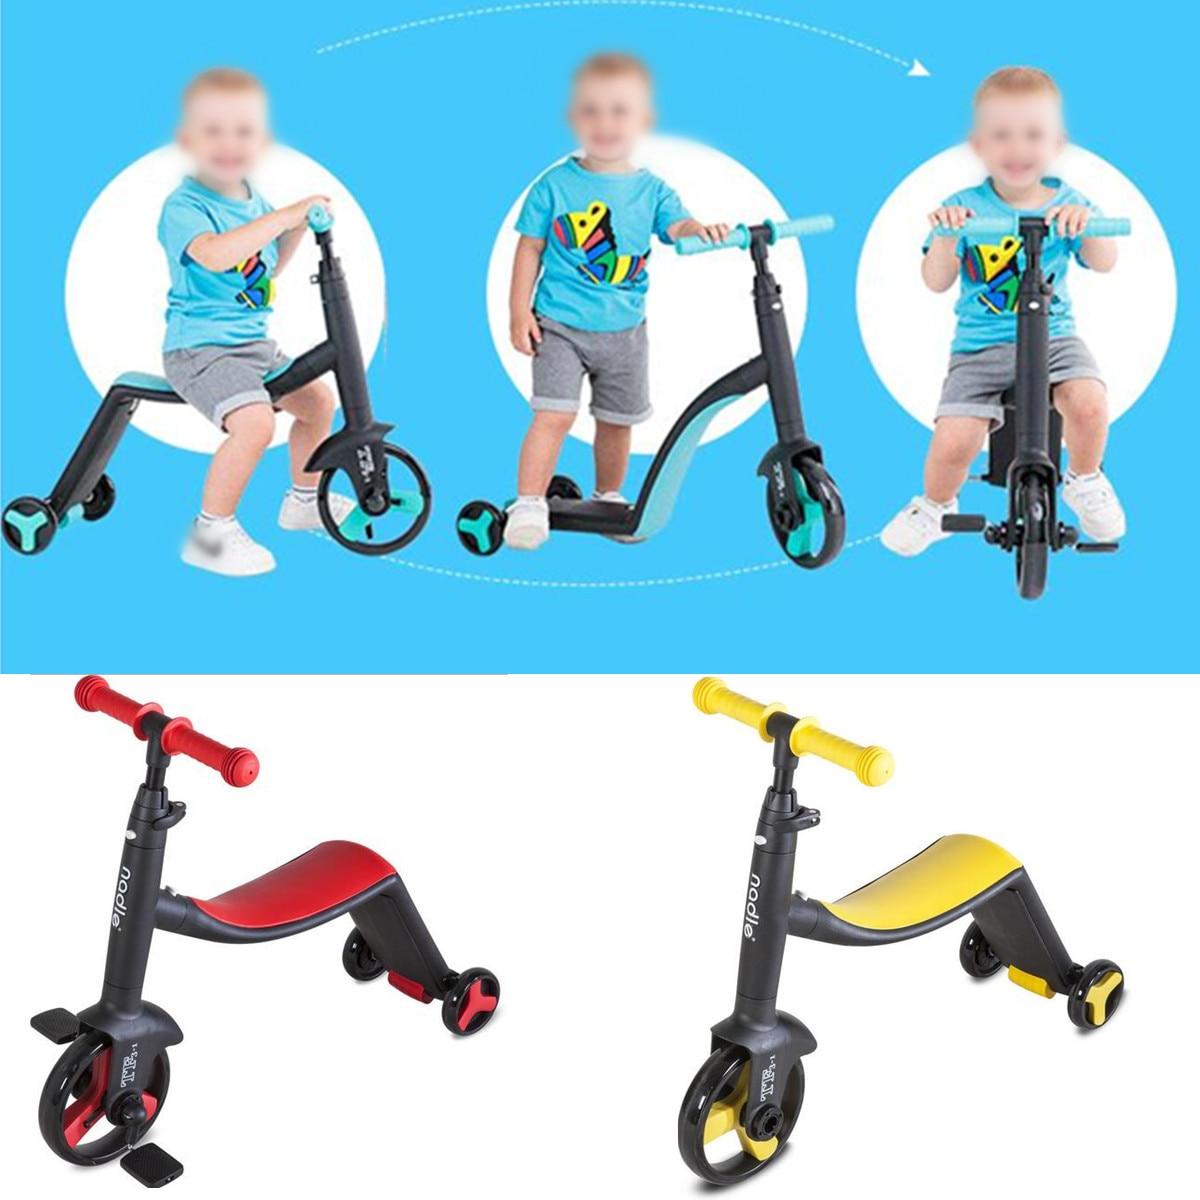 3 roues enfants Scooter enfants trois roues Balance vélo 3 en 1 Balance vélo monter sur les voitures bébé Scooter Tricycle vélo monter sur les jouets